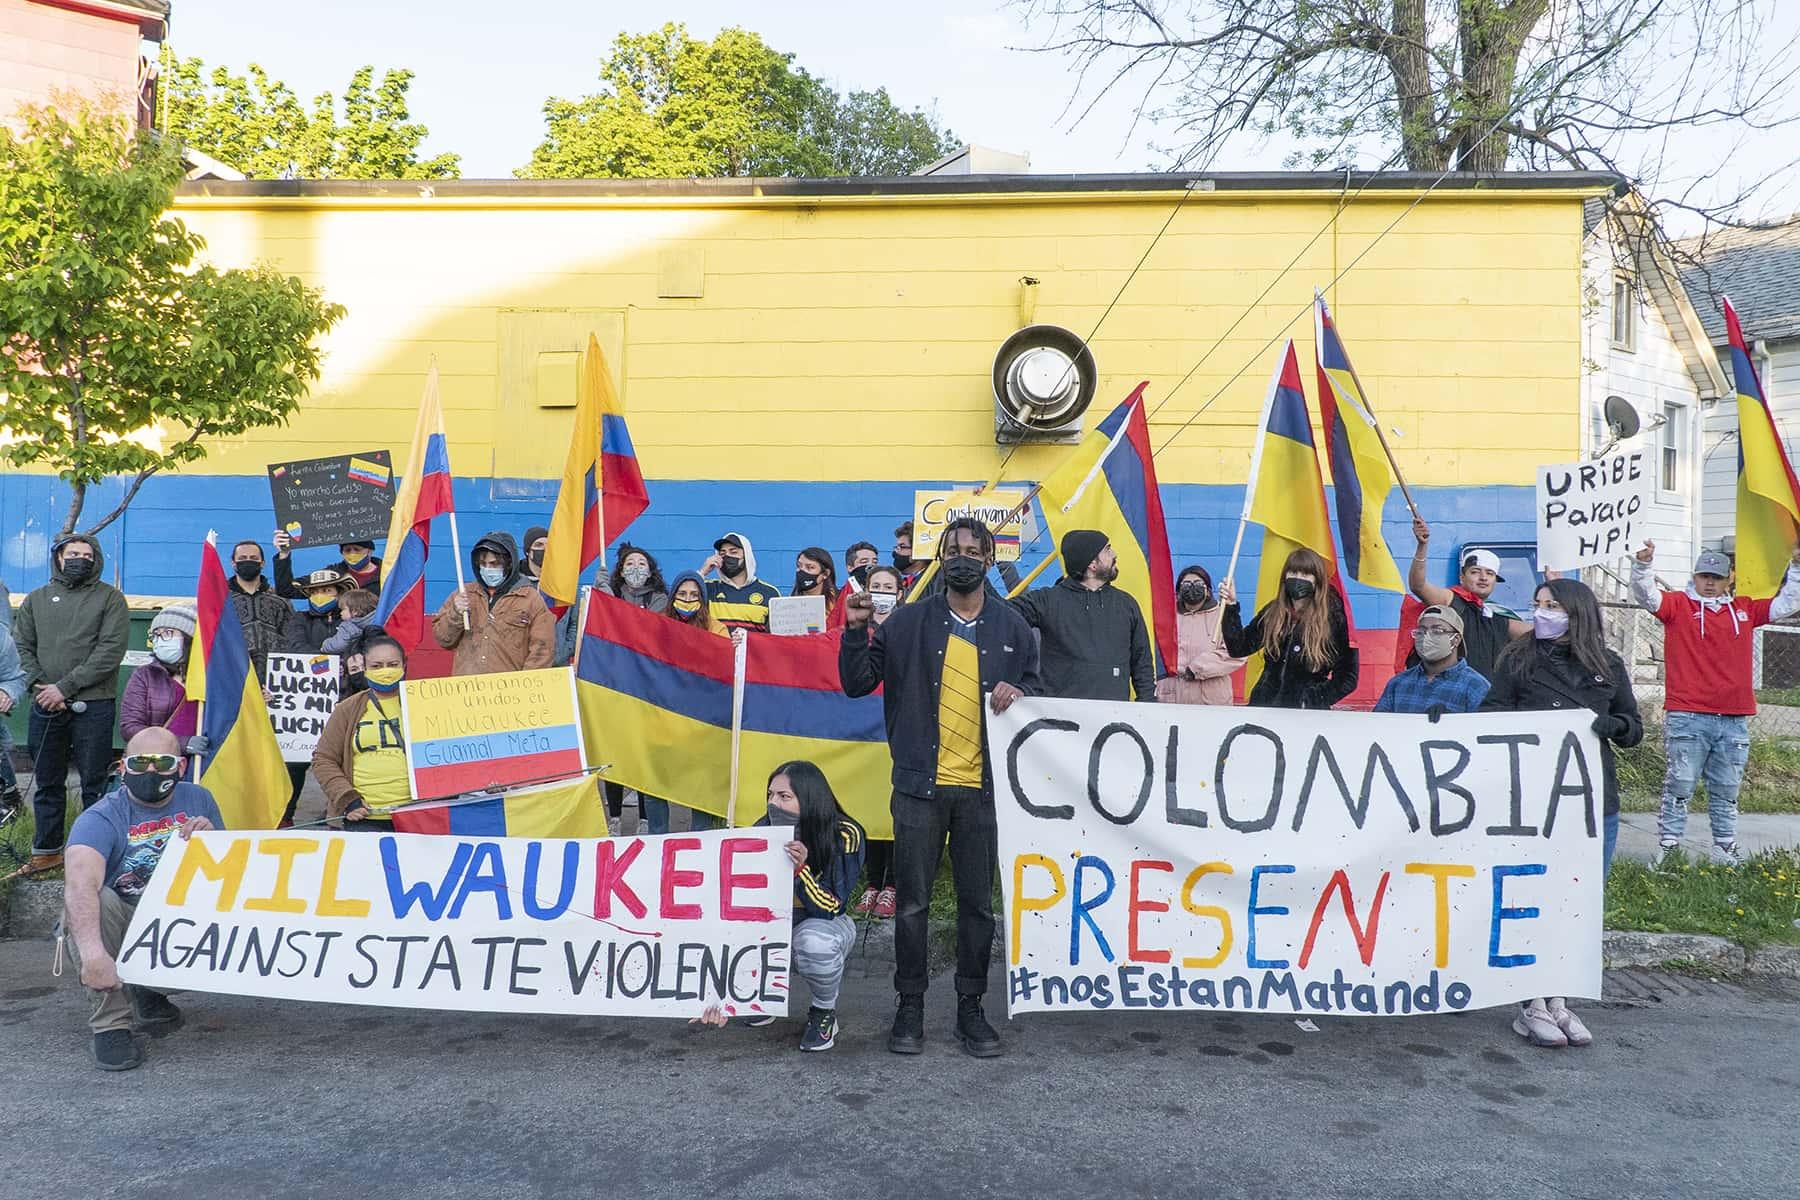 05_051121_ColombiaMarchSOS_010